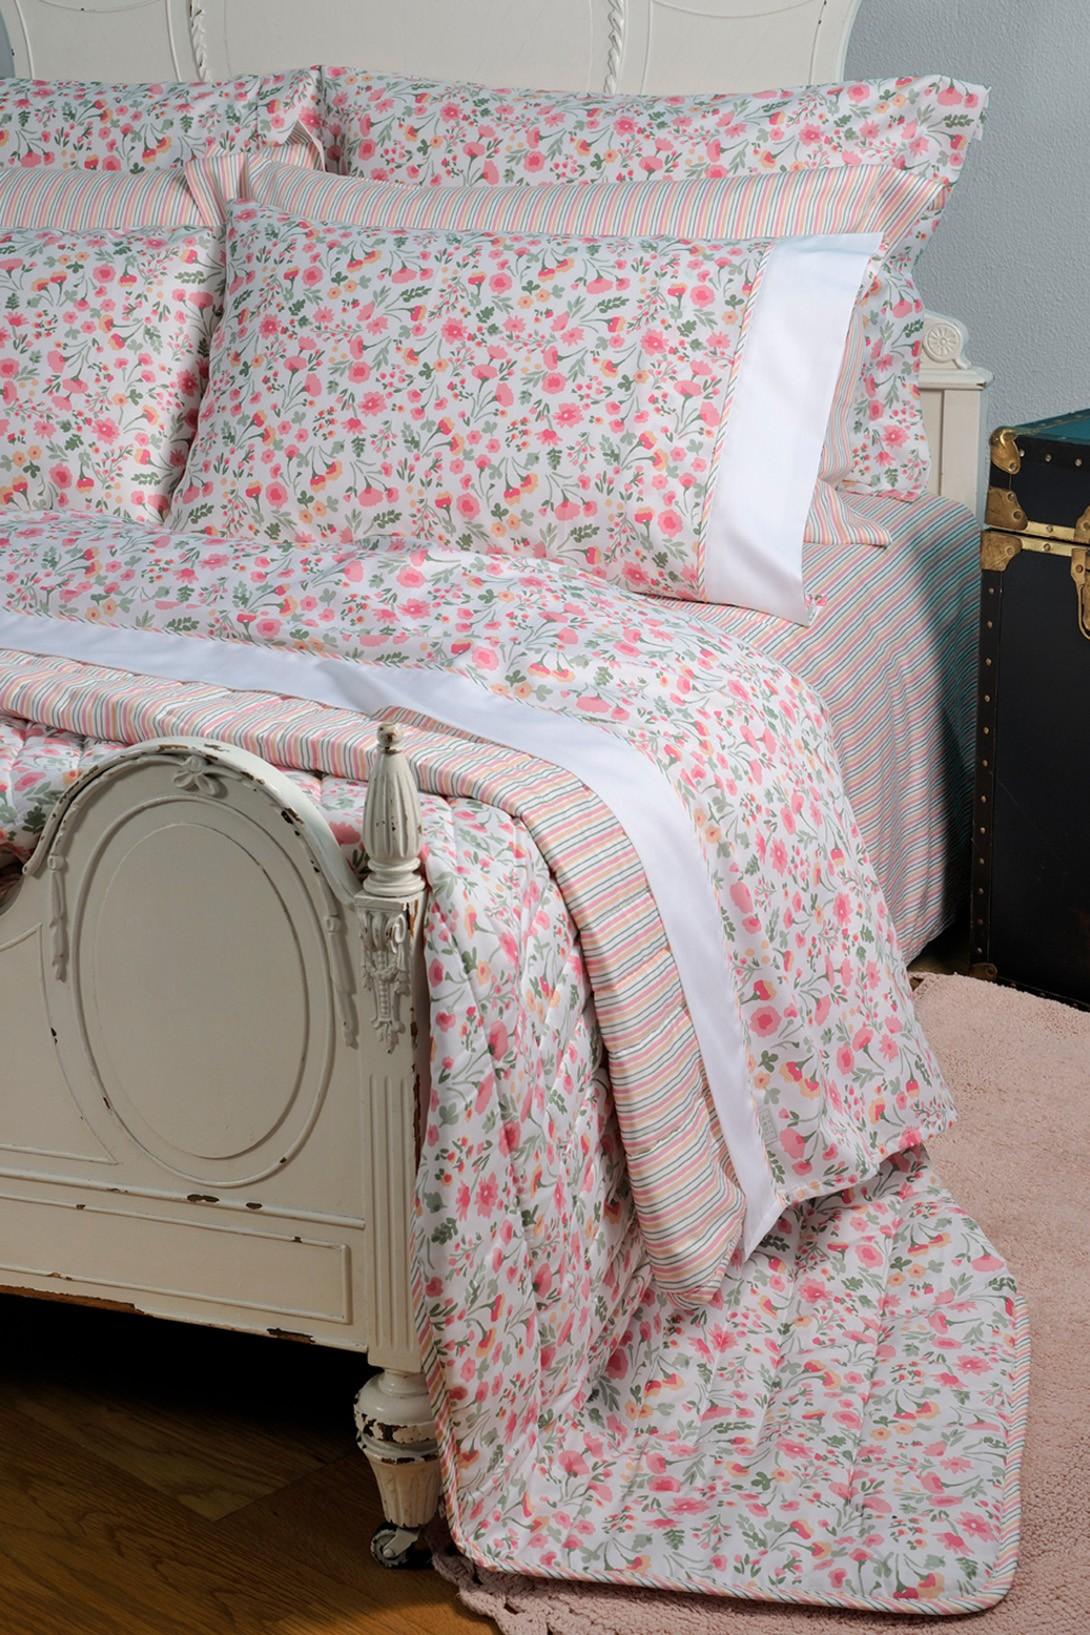 Παπλωματοθήκη Υπέρδιπλη (Σετ) Down Town Primo Charlotte S 603 home   κρεβατοκάμαρα   παπλωματοθήκες   παπλωματοθήκες υπέρδιπλες